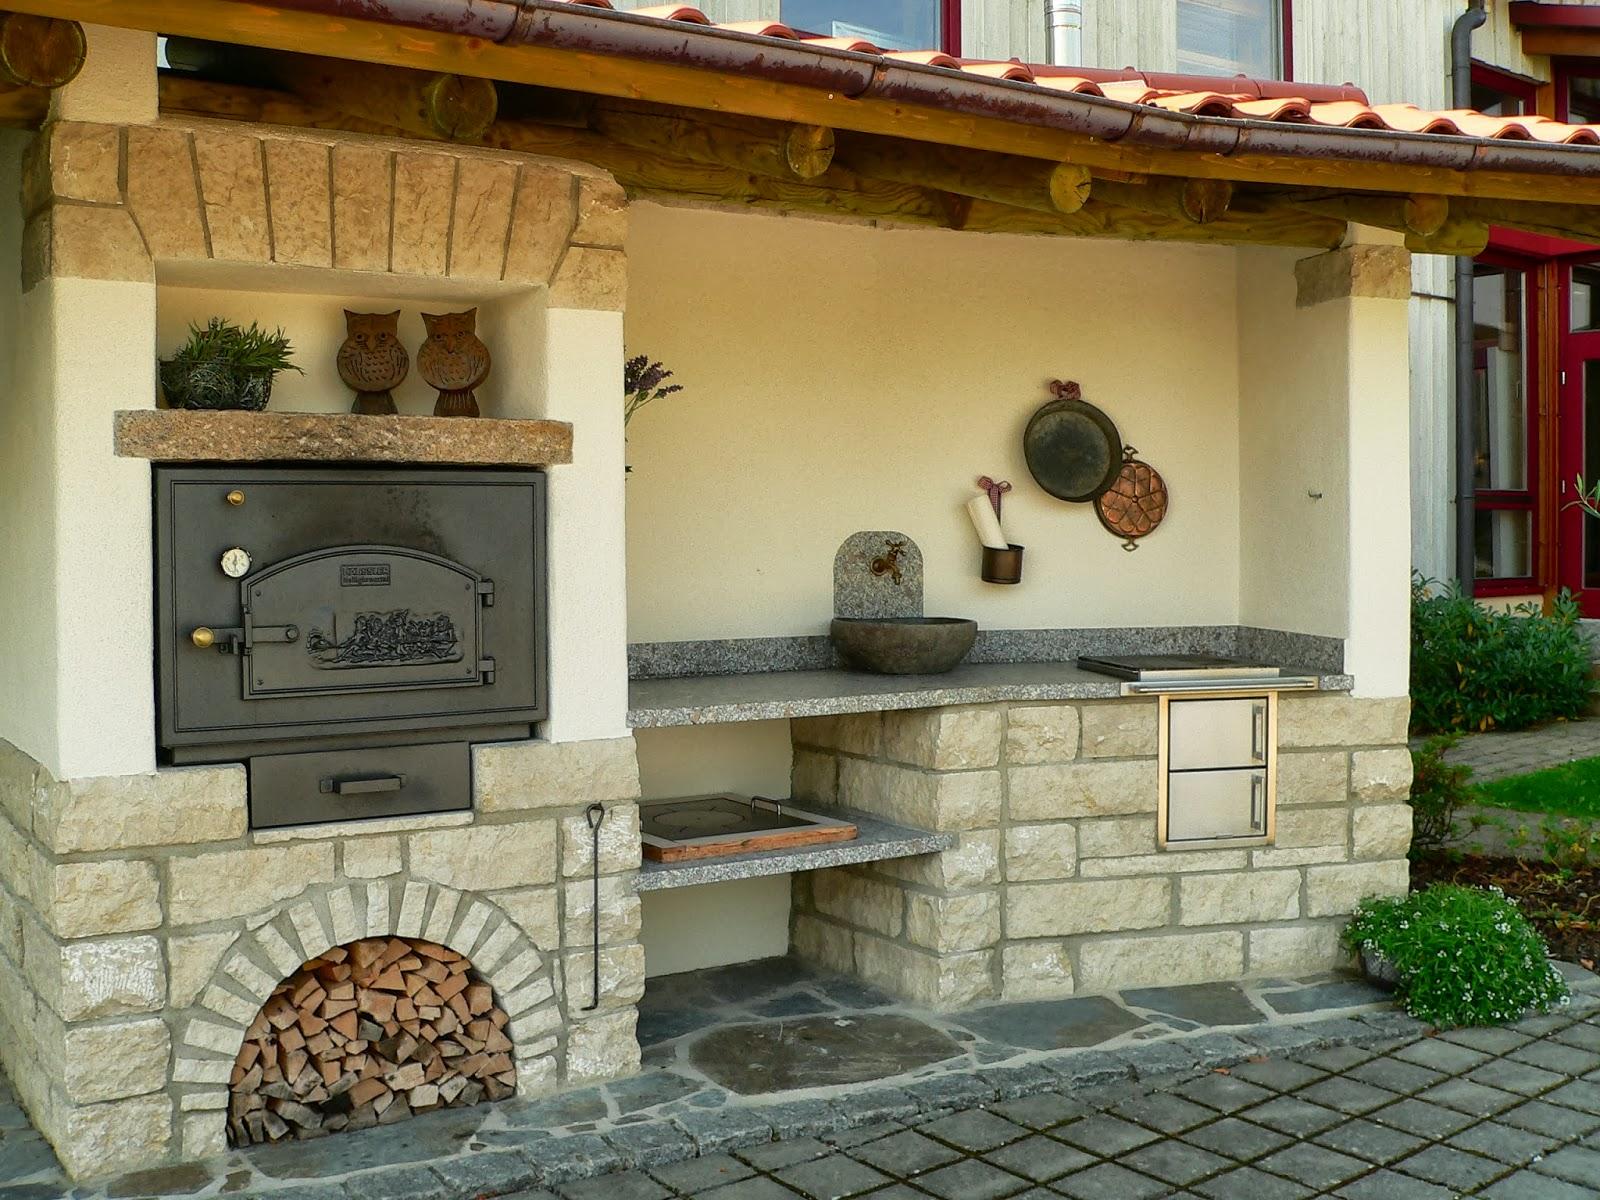 Außenküche Mit Quark : Die kluge hausfrau: september 2013